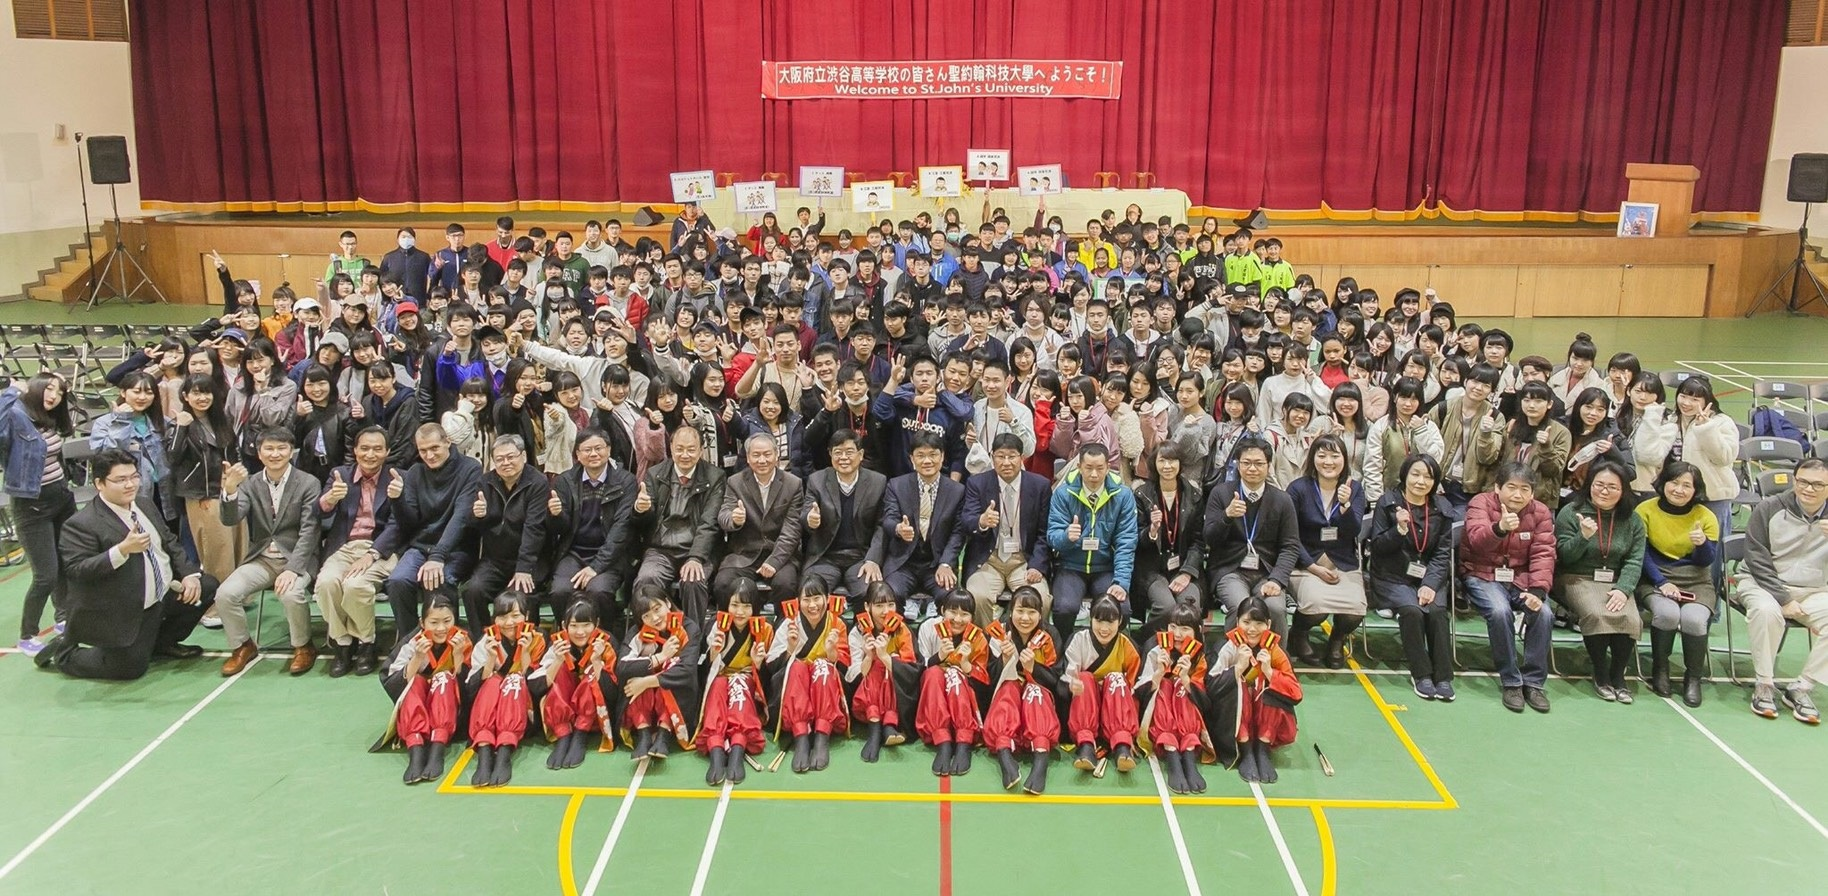 日本大阪府立涉谷高校179位師生前往淡水聖約翰科技大學學習參訪與體驗交流